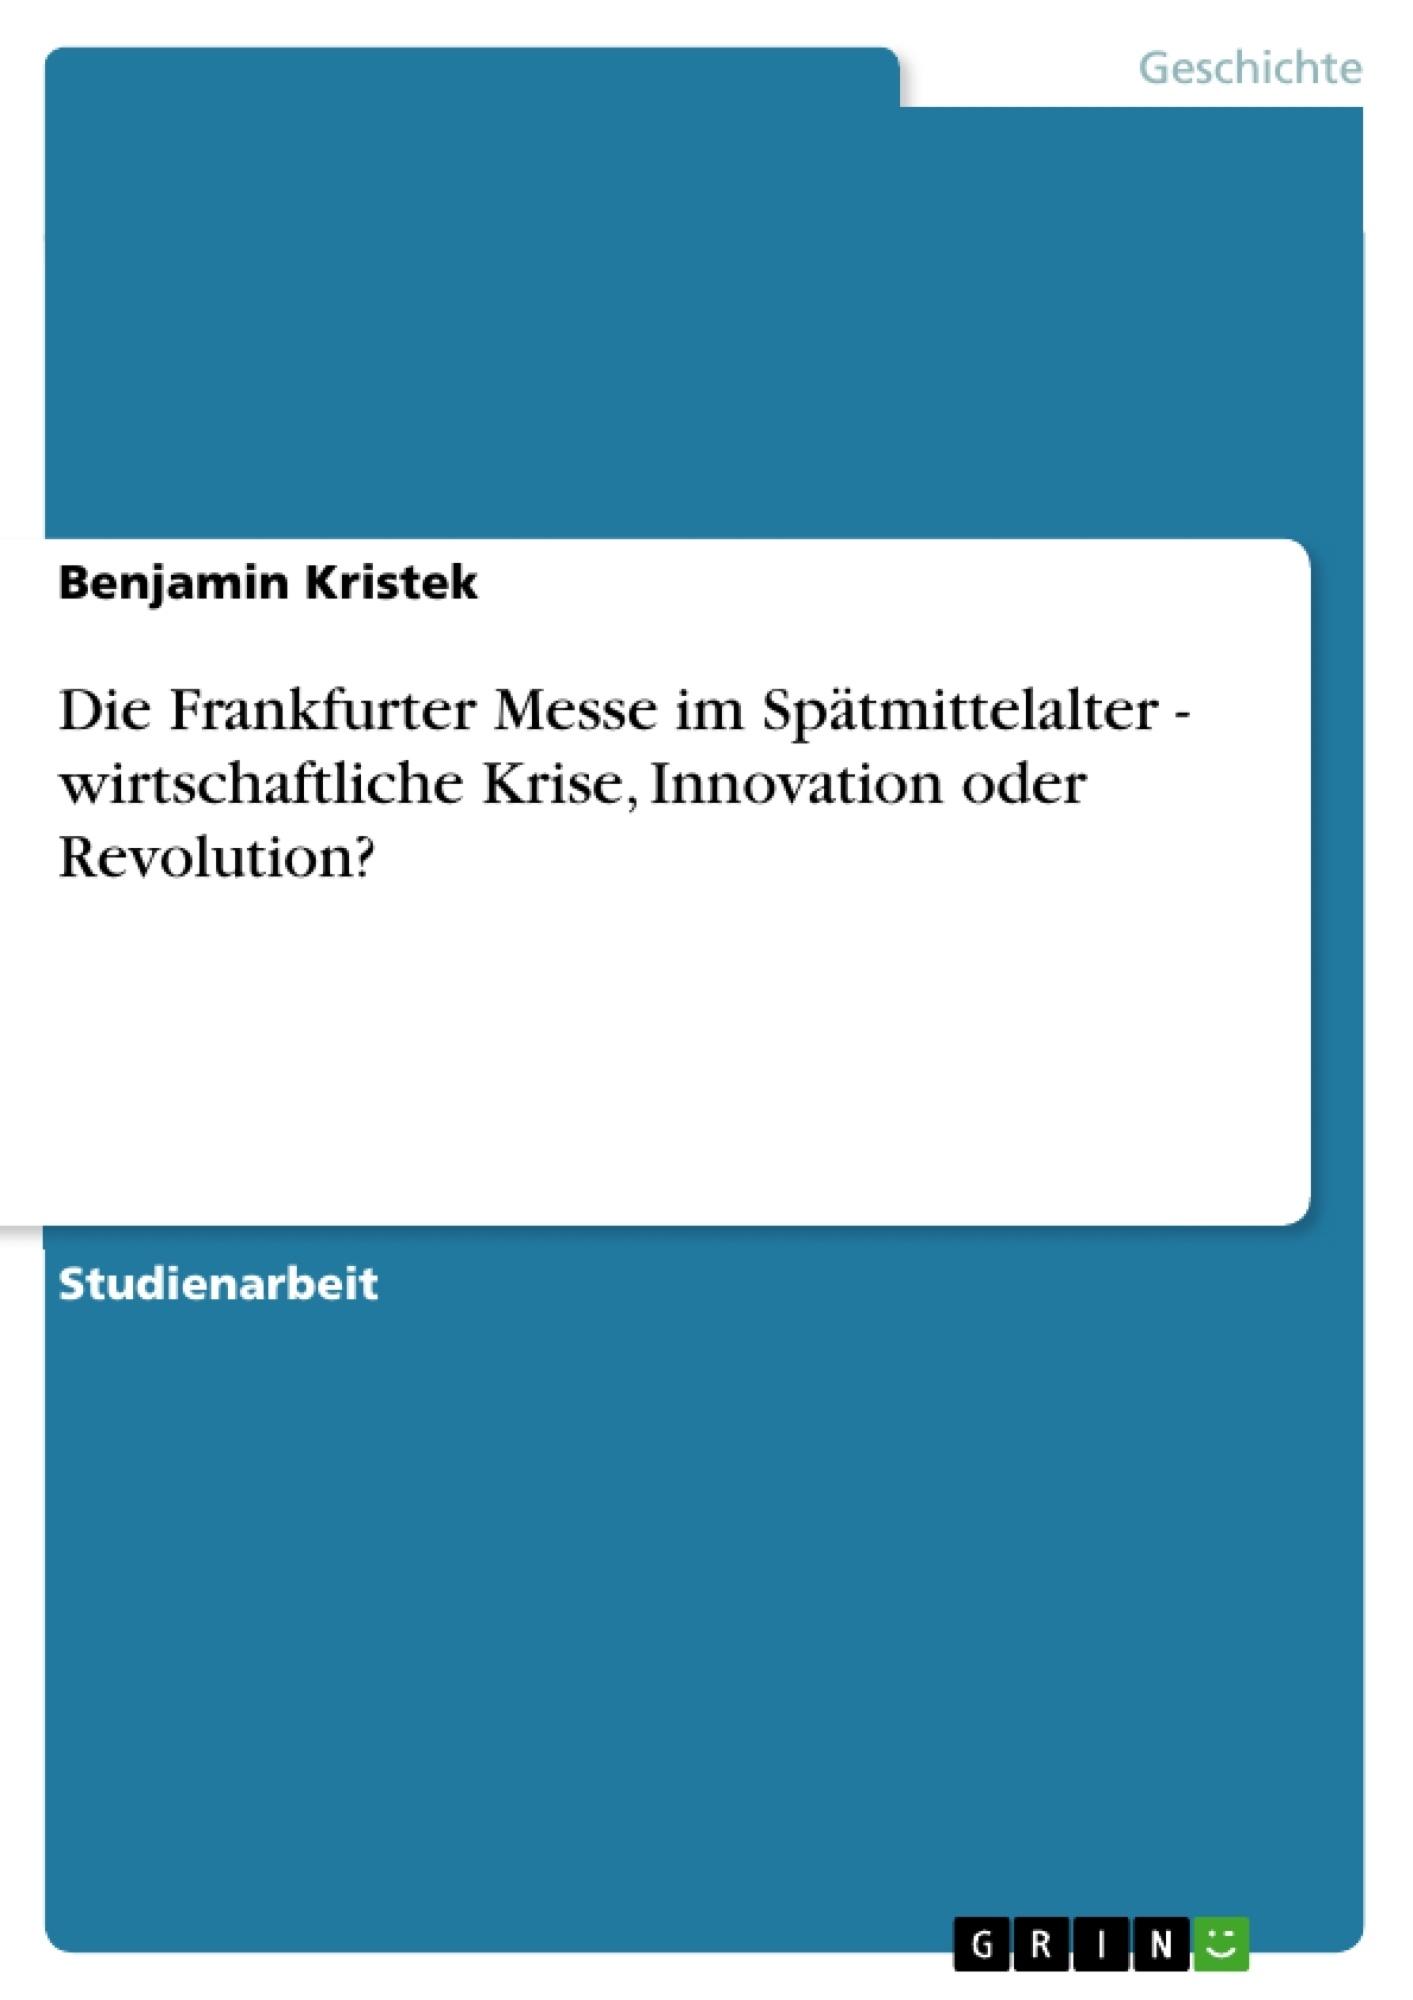 Titel: Die Frankfurter Messe im Spätmittelalter - wirtschaftliche Krise, Innovation oder Revolution?